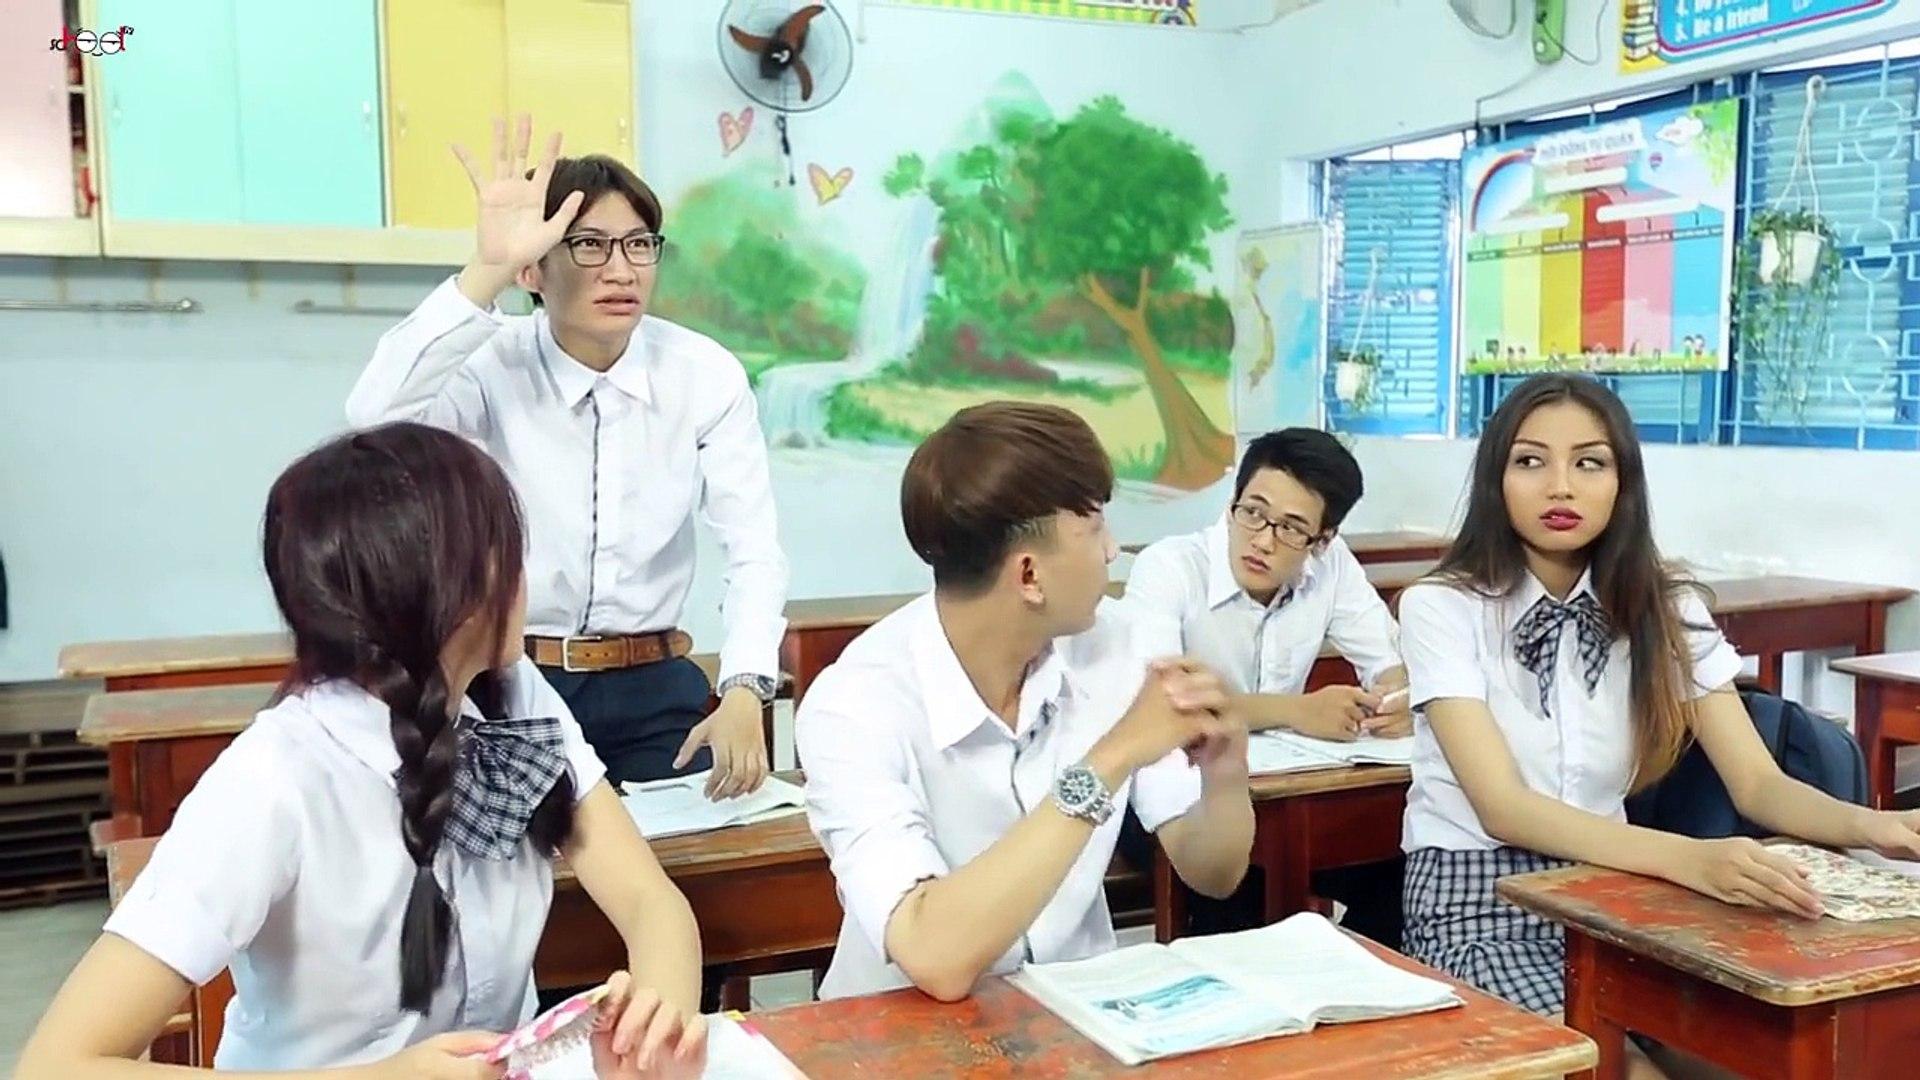 SchoolTV || Tập 14: Những câu nói bất hủ của thầy cô (Phần 2) | Official